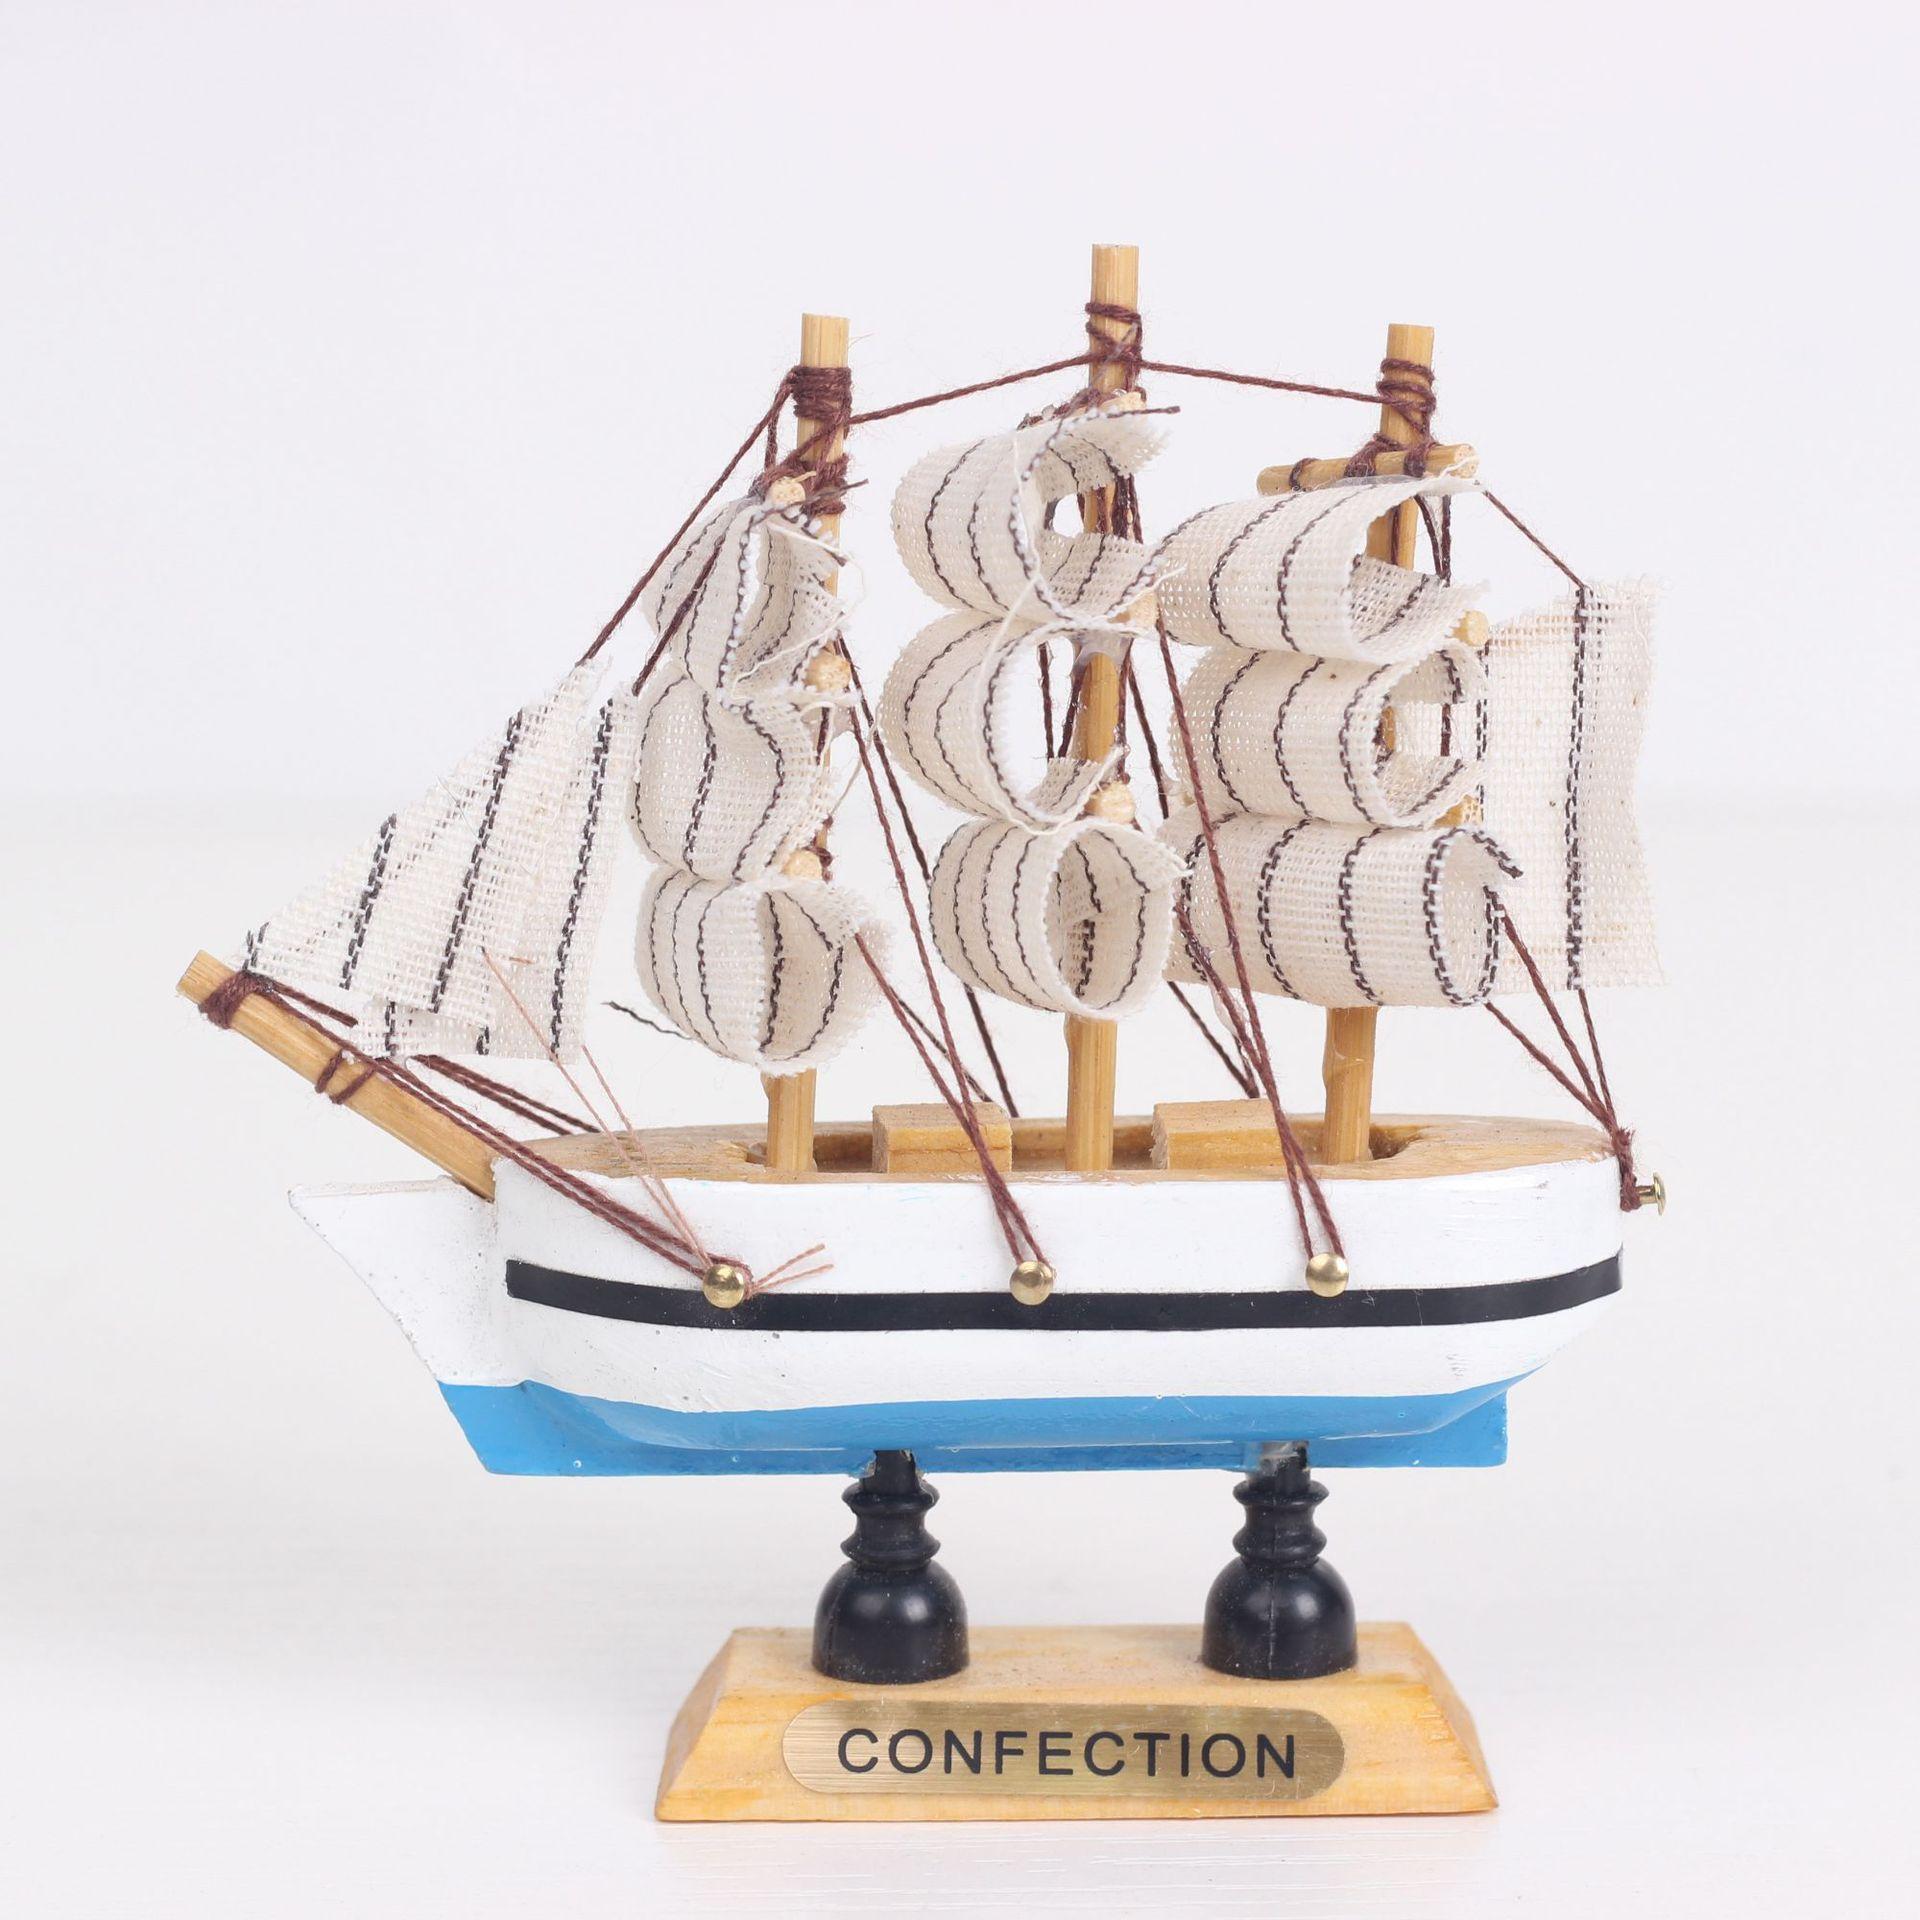 Đồ trang trí bằng gỗ Nhà máy trực tiếp 10 cm gỗ mô hình đồ trang trí bánh trang trí nướng đồ trang t